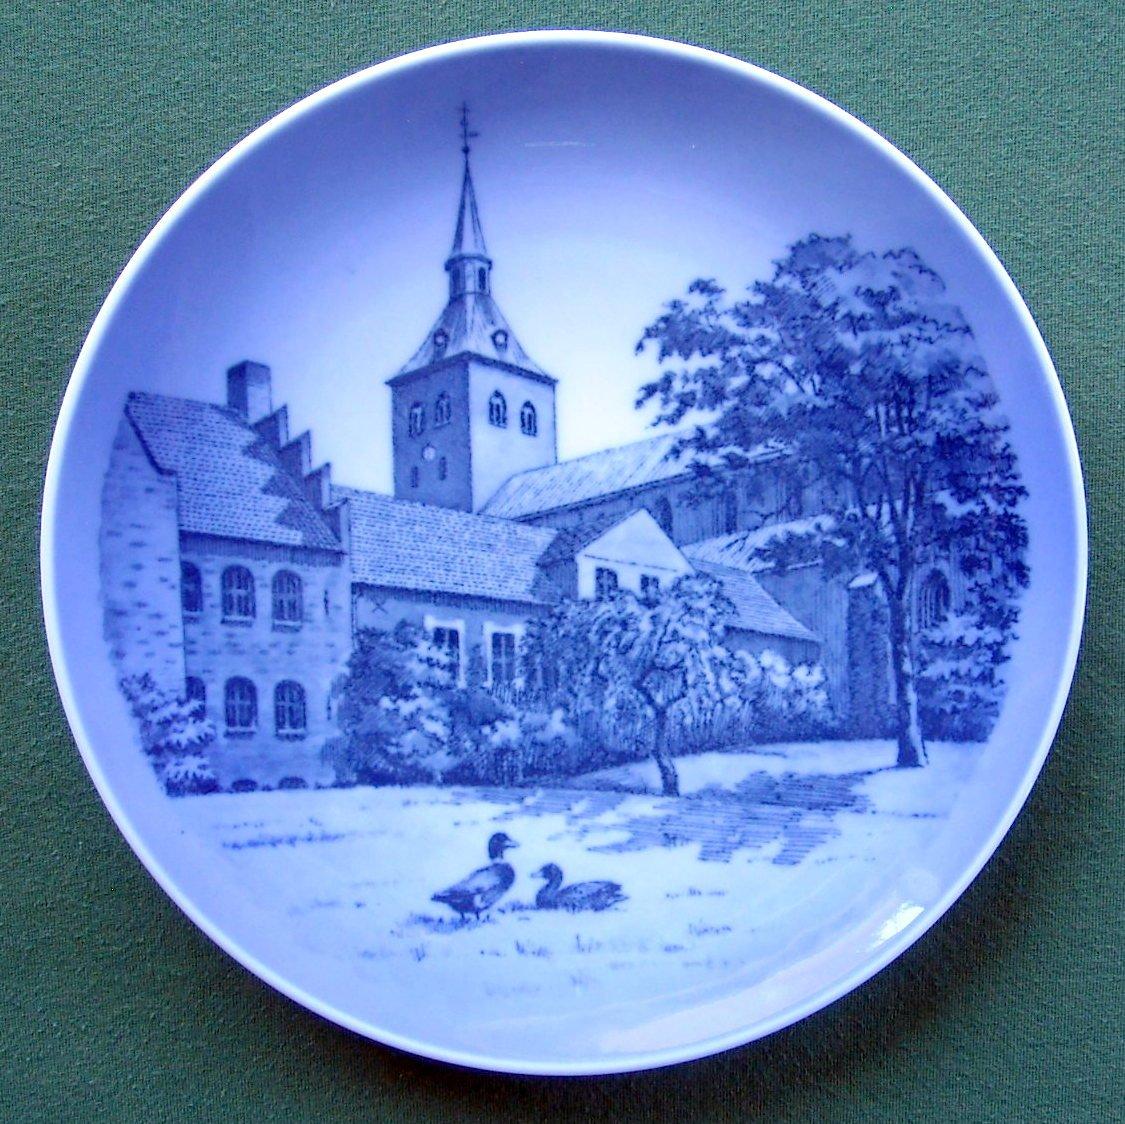 Vintage Kaj Lange Royal Copenhagen Denmark Odense Domkirke church plate